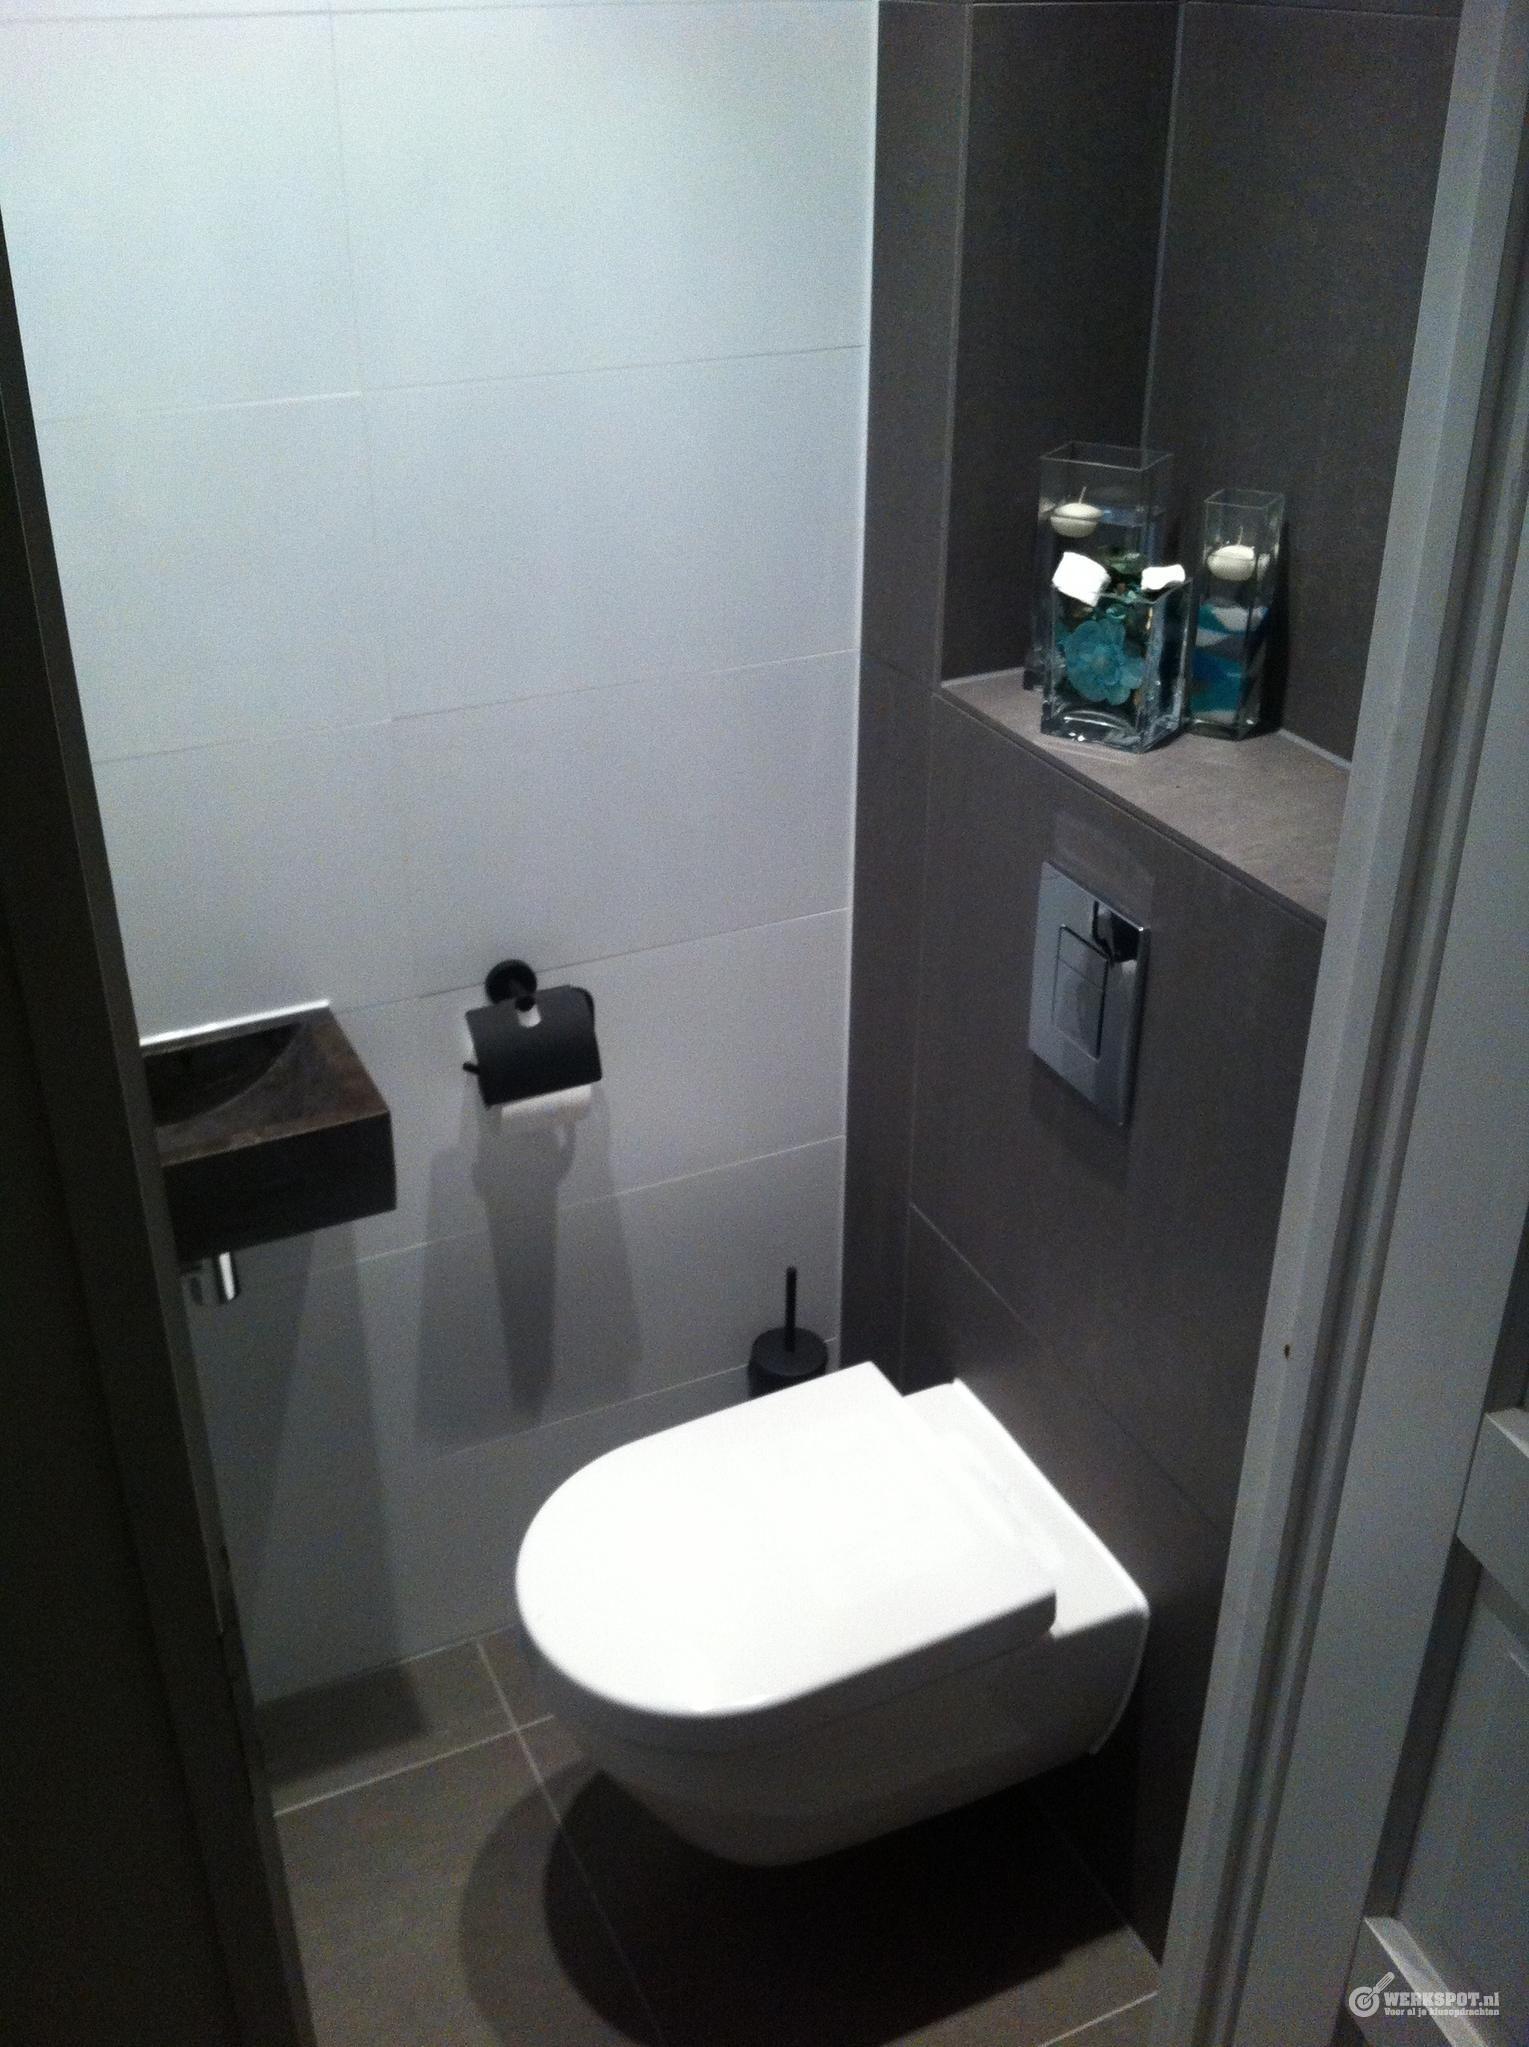 Toiletruimte Schilderen Google Zoeken Toiletroom